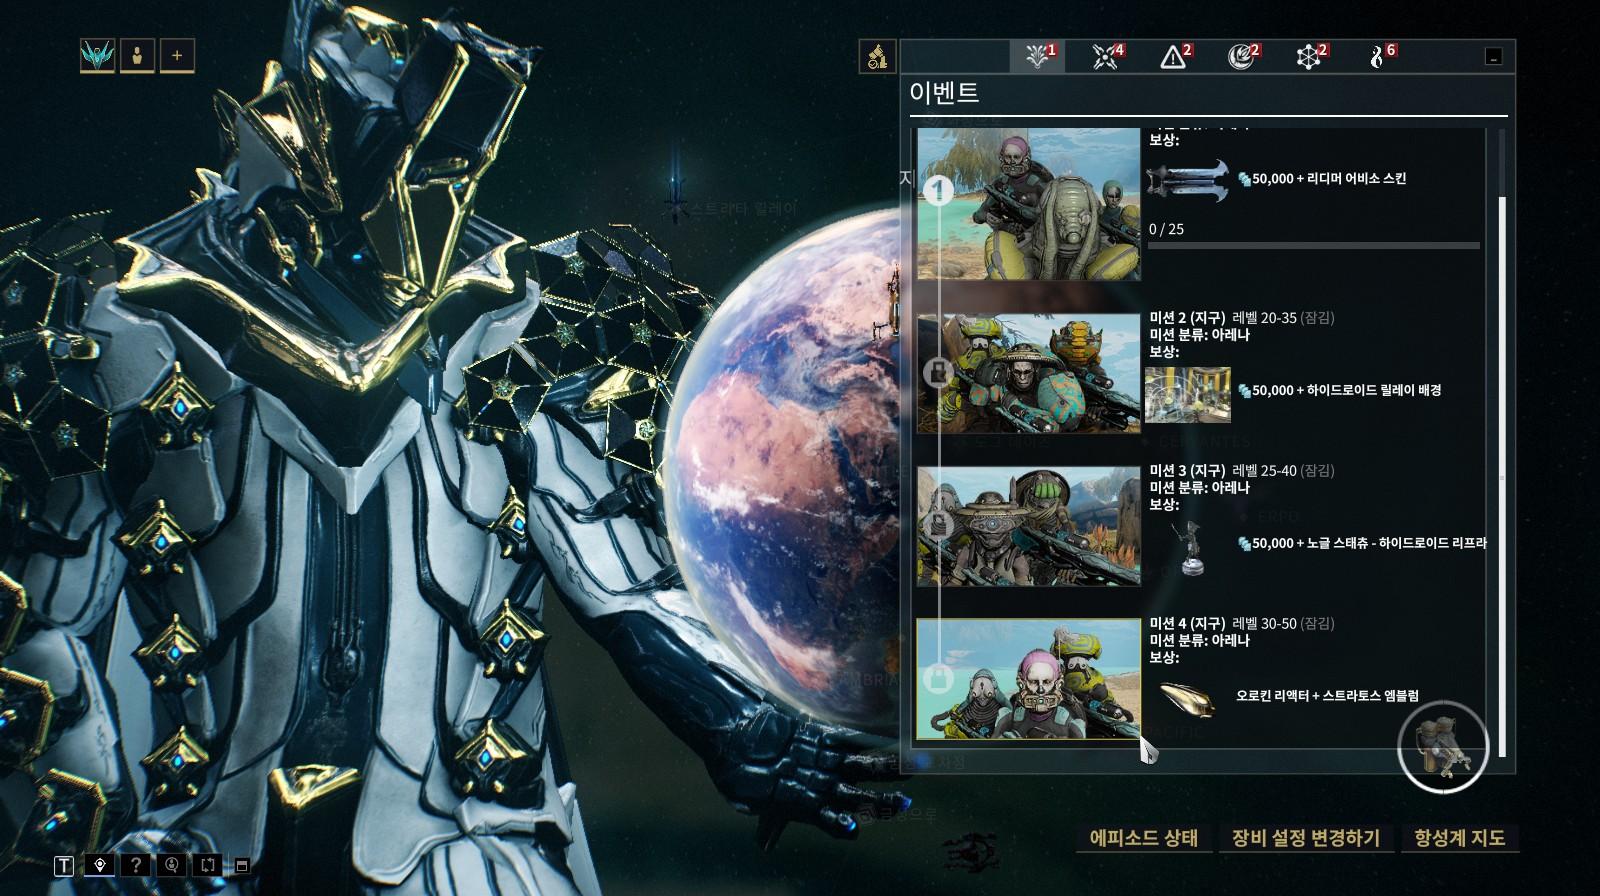 Warframe.x64 2020-07-16 06-11-58-320.jpg